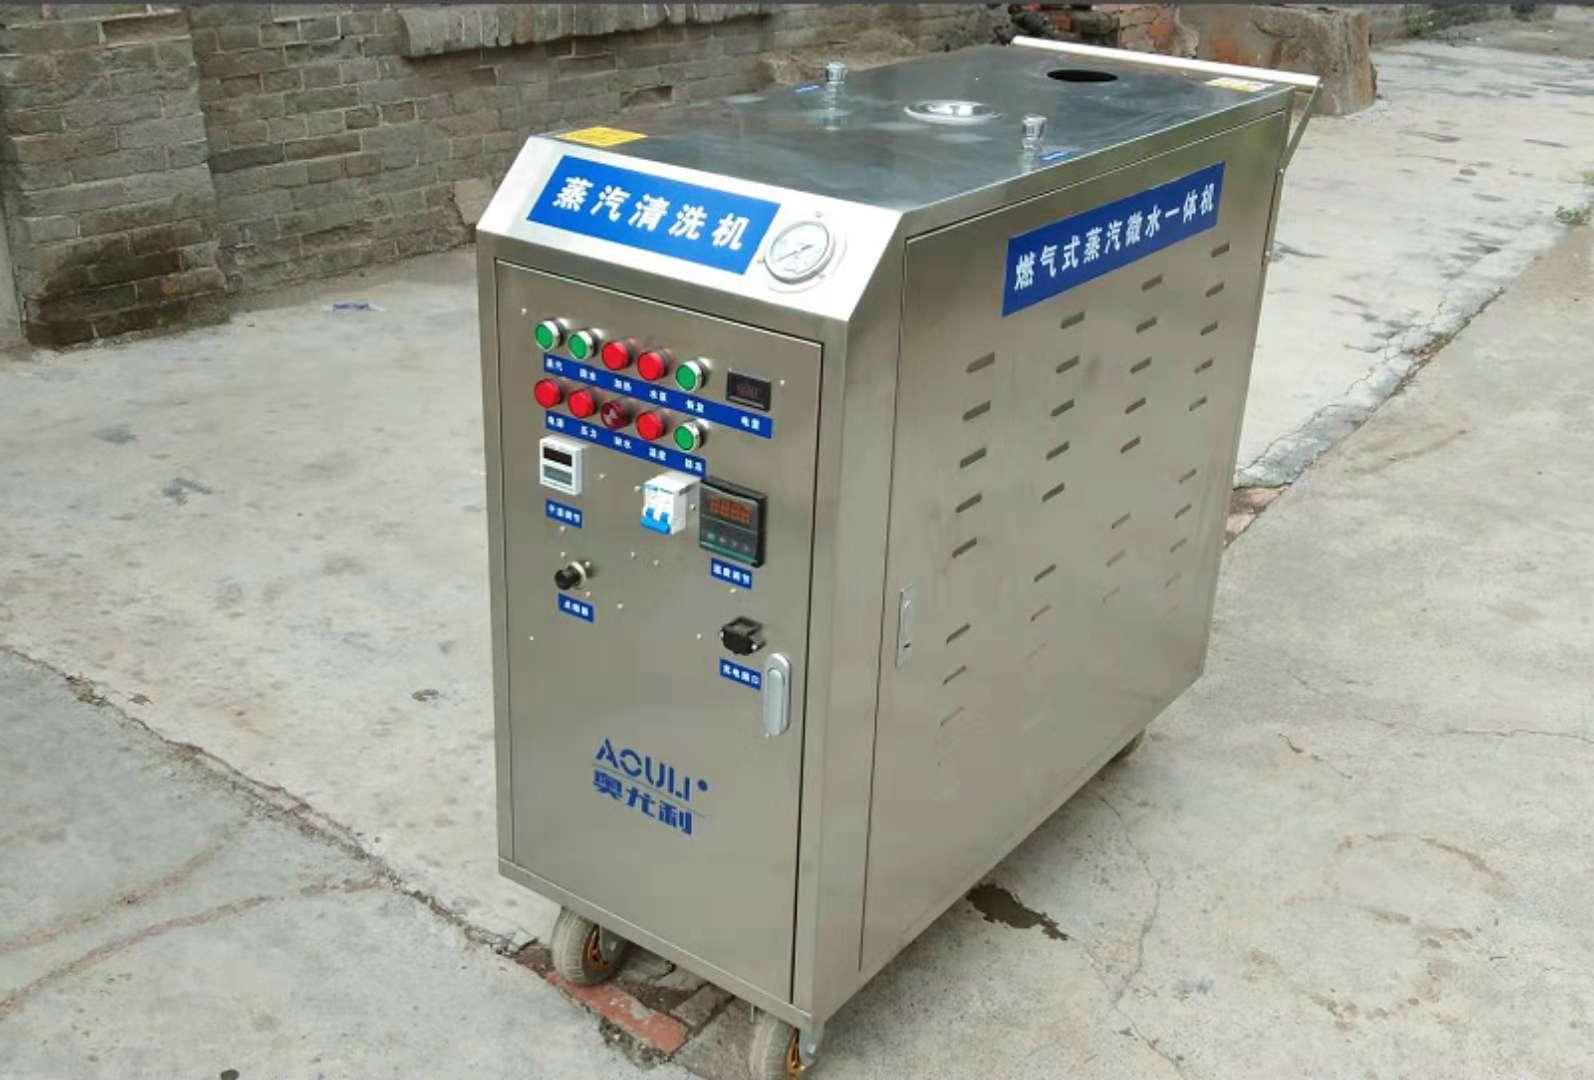 蒸汽清洗機廠家直銷-專業的蒸汽清洗機供應商_鞏義奧尤利